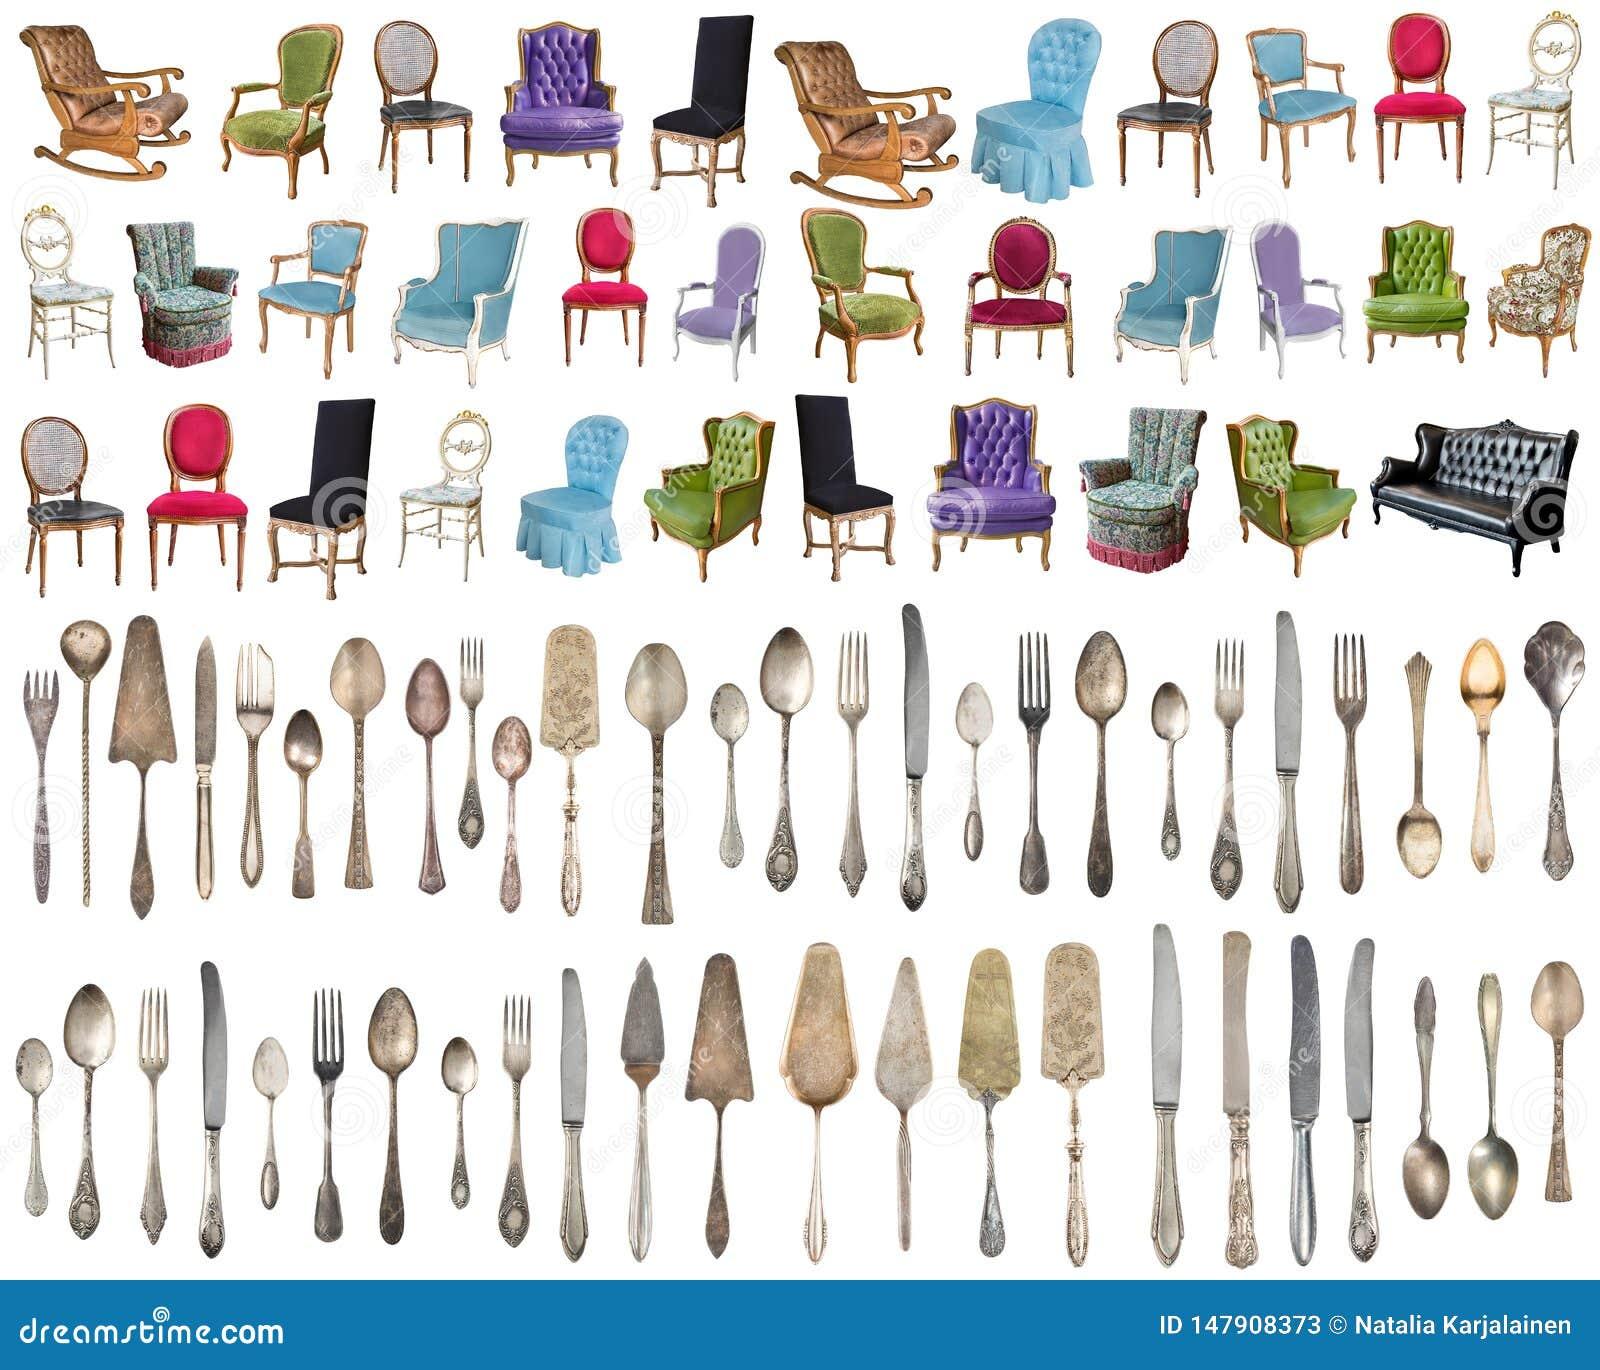 Винтажные кресла и Silverware, античные ложки, вилки, ножи, ковш, лопаткоулавливатели торта изолированные на изолированной белой